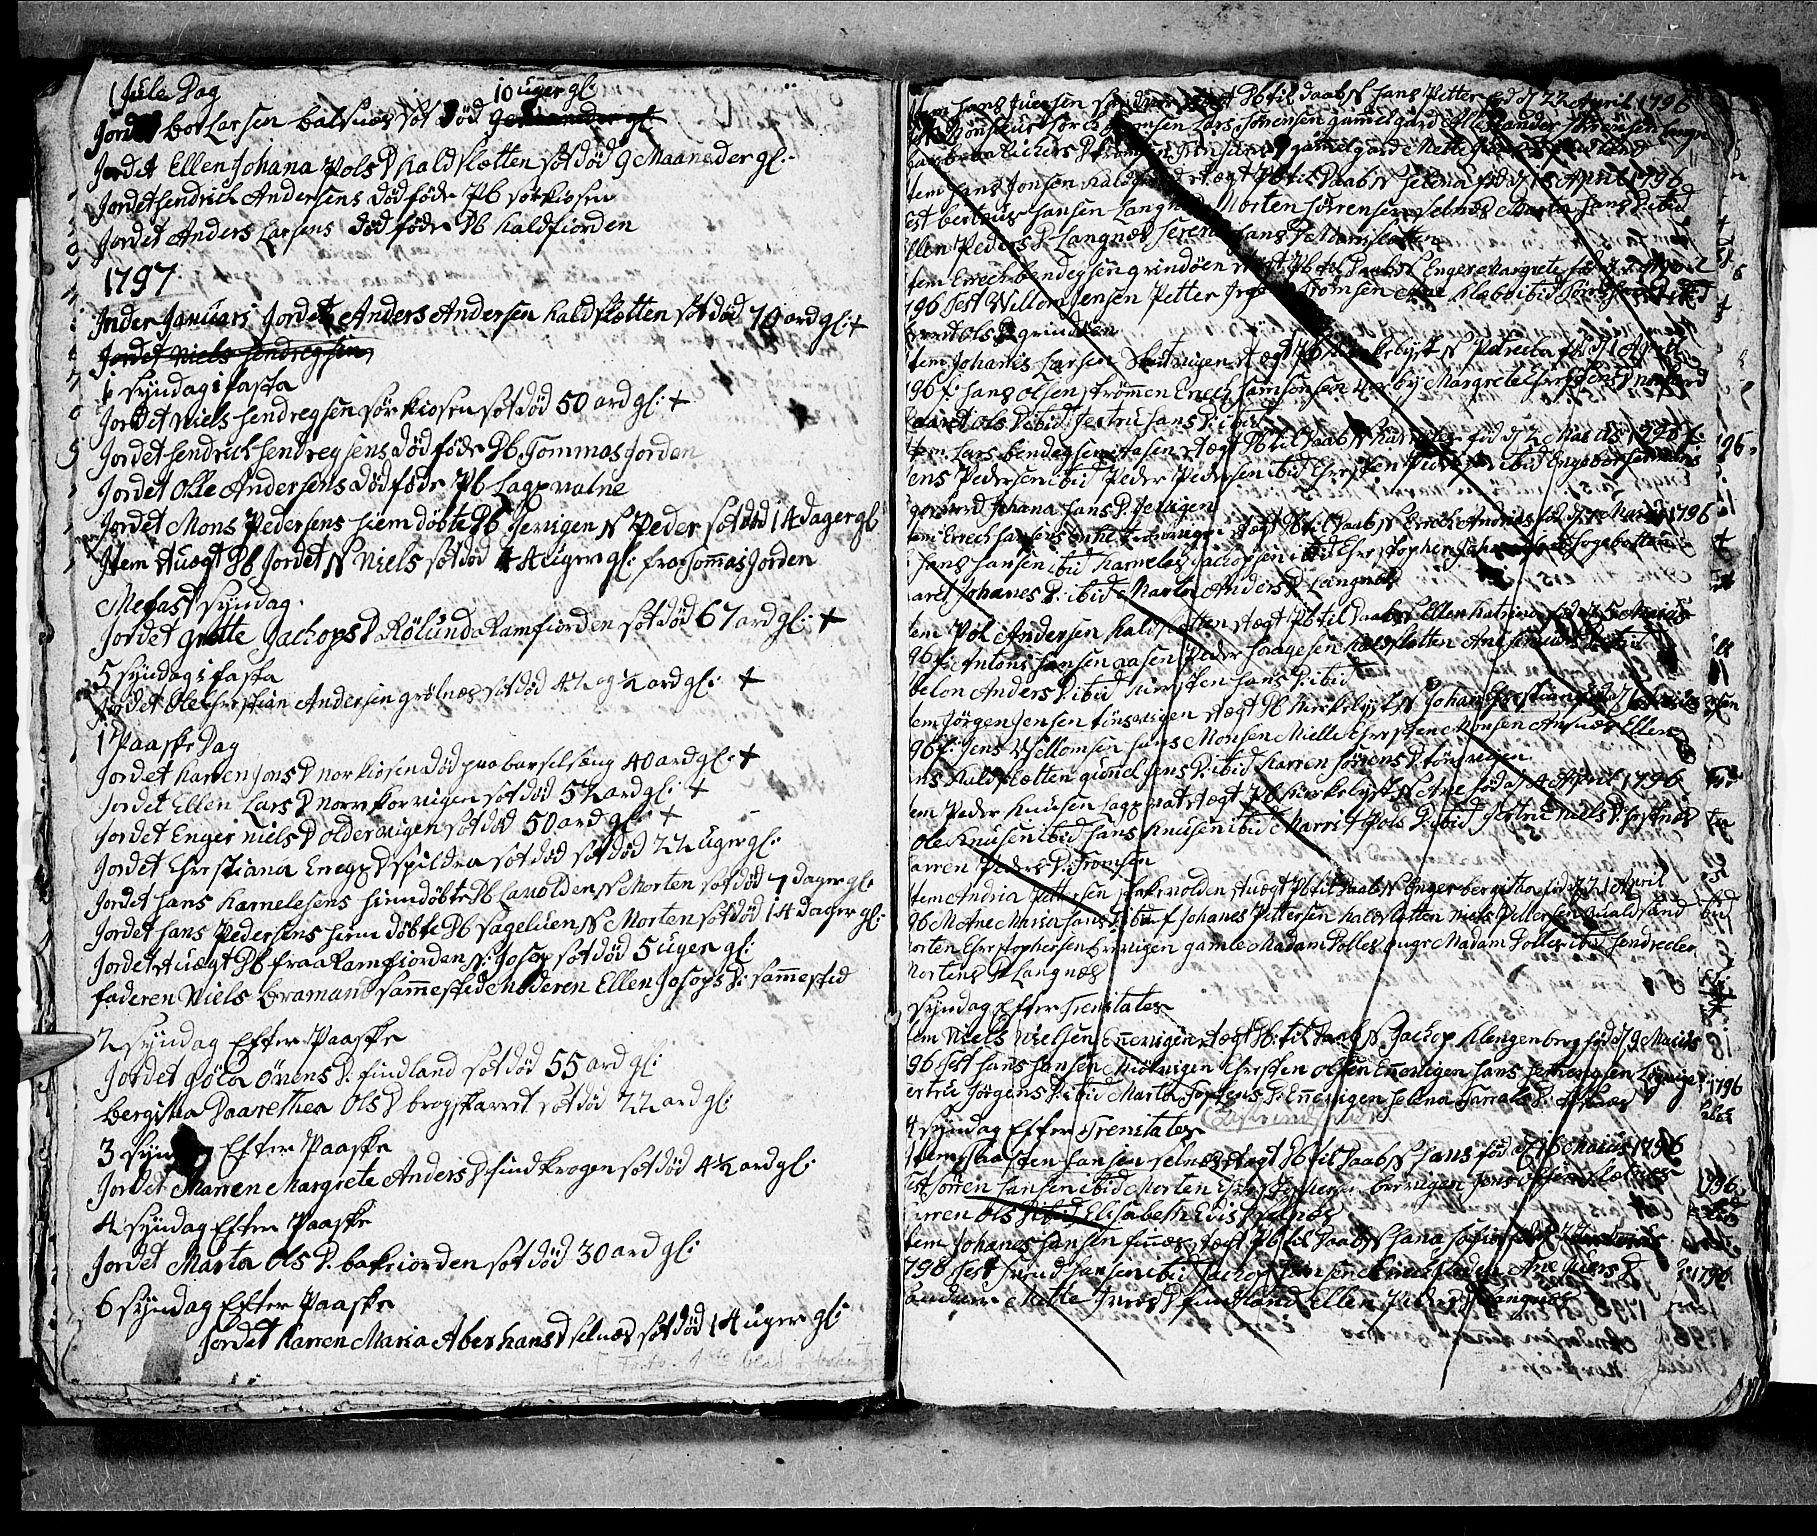 SATØ, Tromsø sokneprestkontor/stiftsprosti/domprosti, G/Ga/L0005kirke: Ministerialbok nr. 5, 1796-1808, s. 11